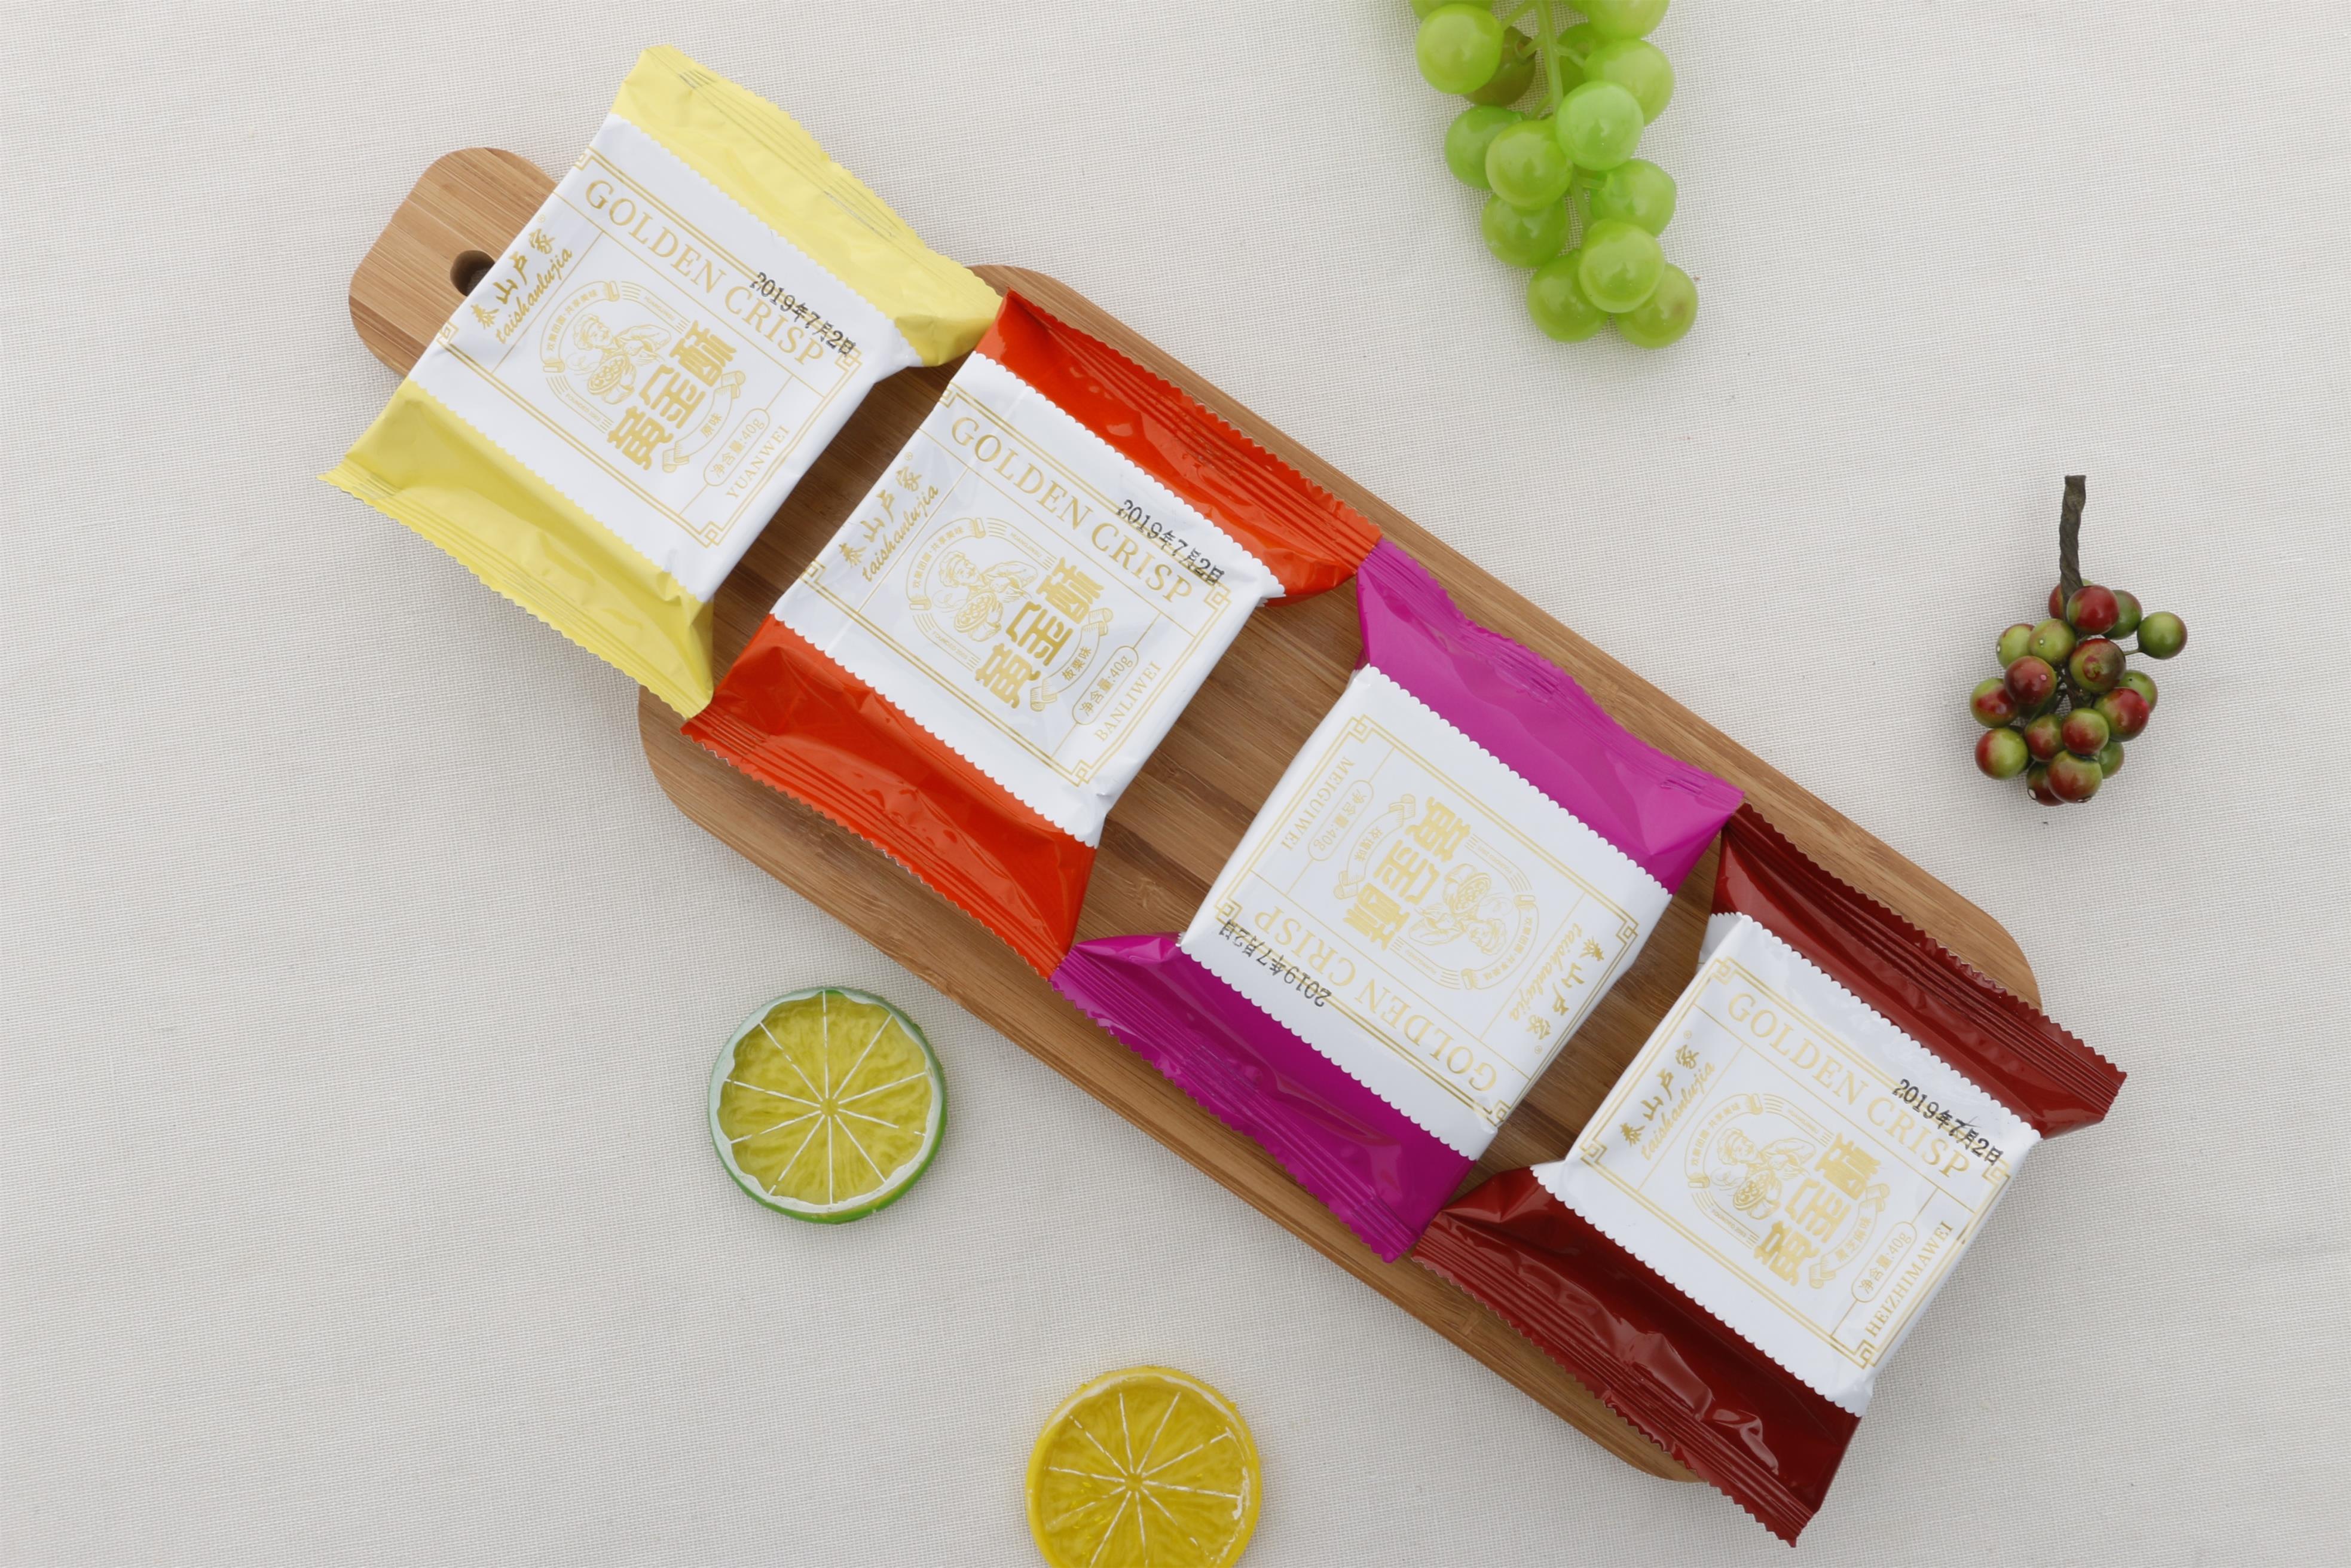 泰山卢家黄金酥传统零食糕点休闲小吃点心月饼酥饼40克×12个